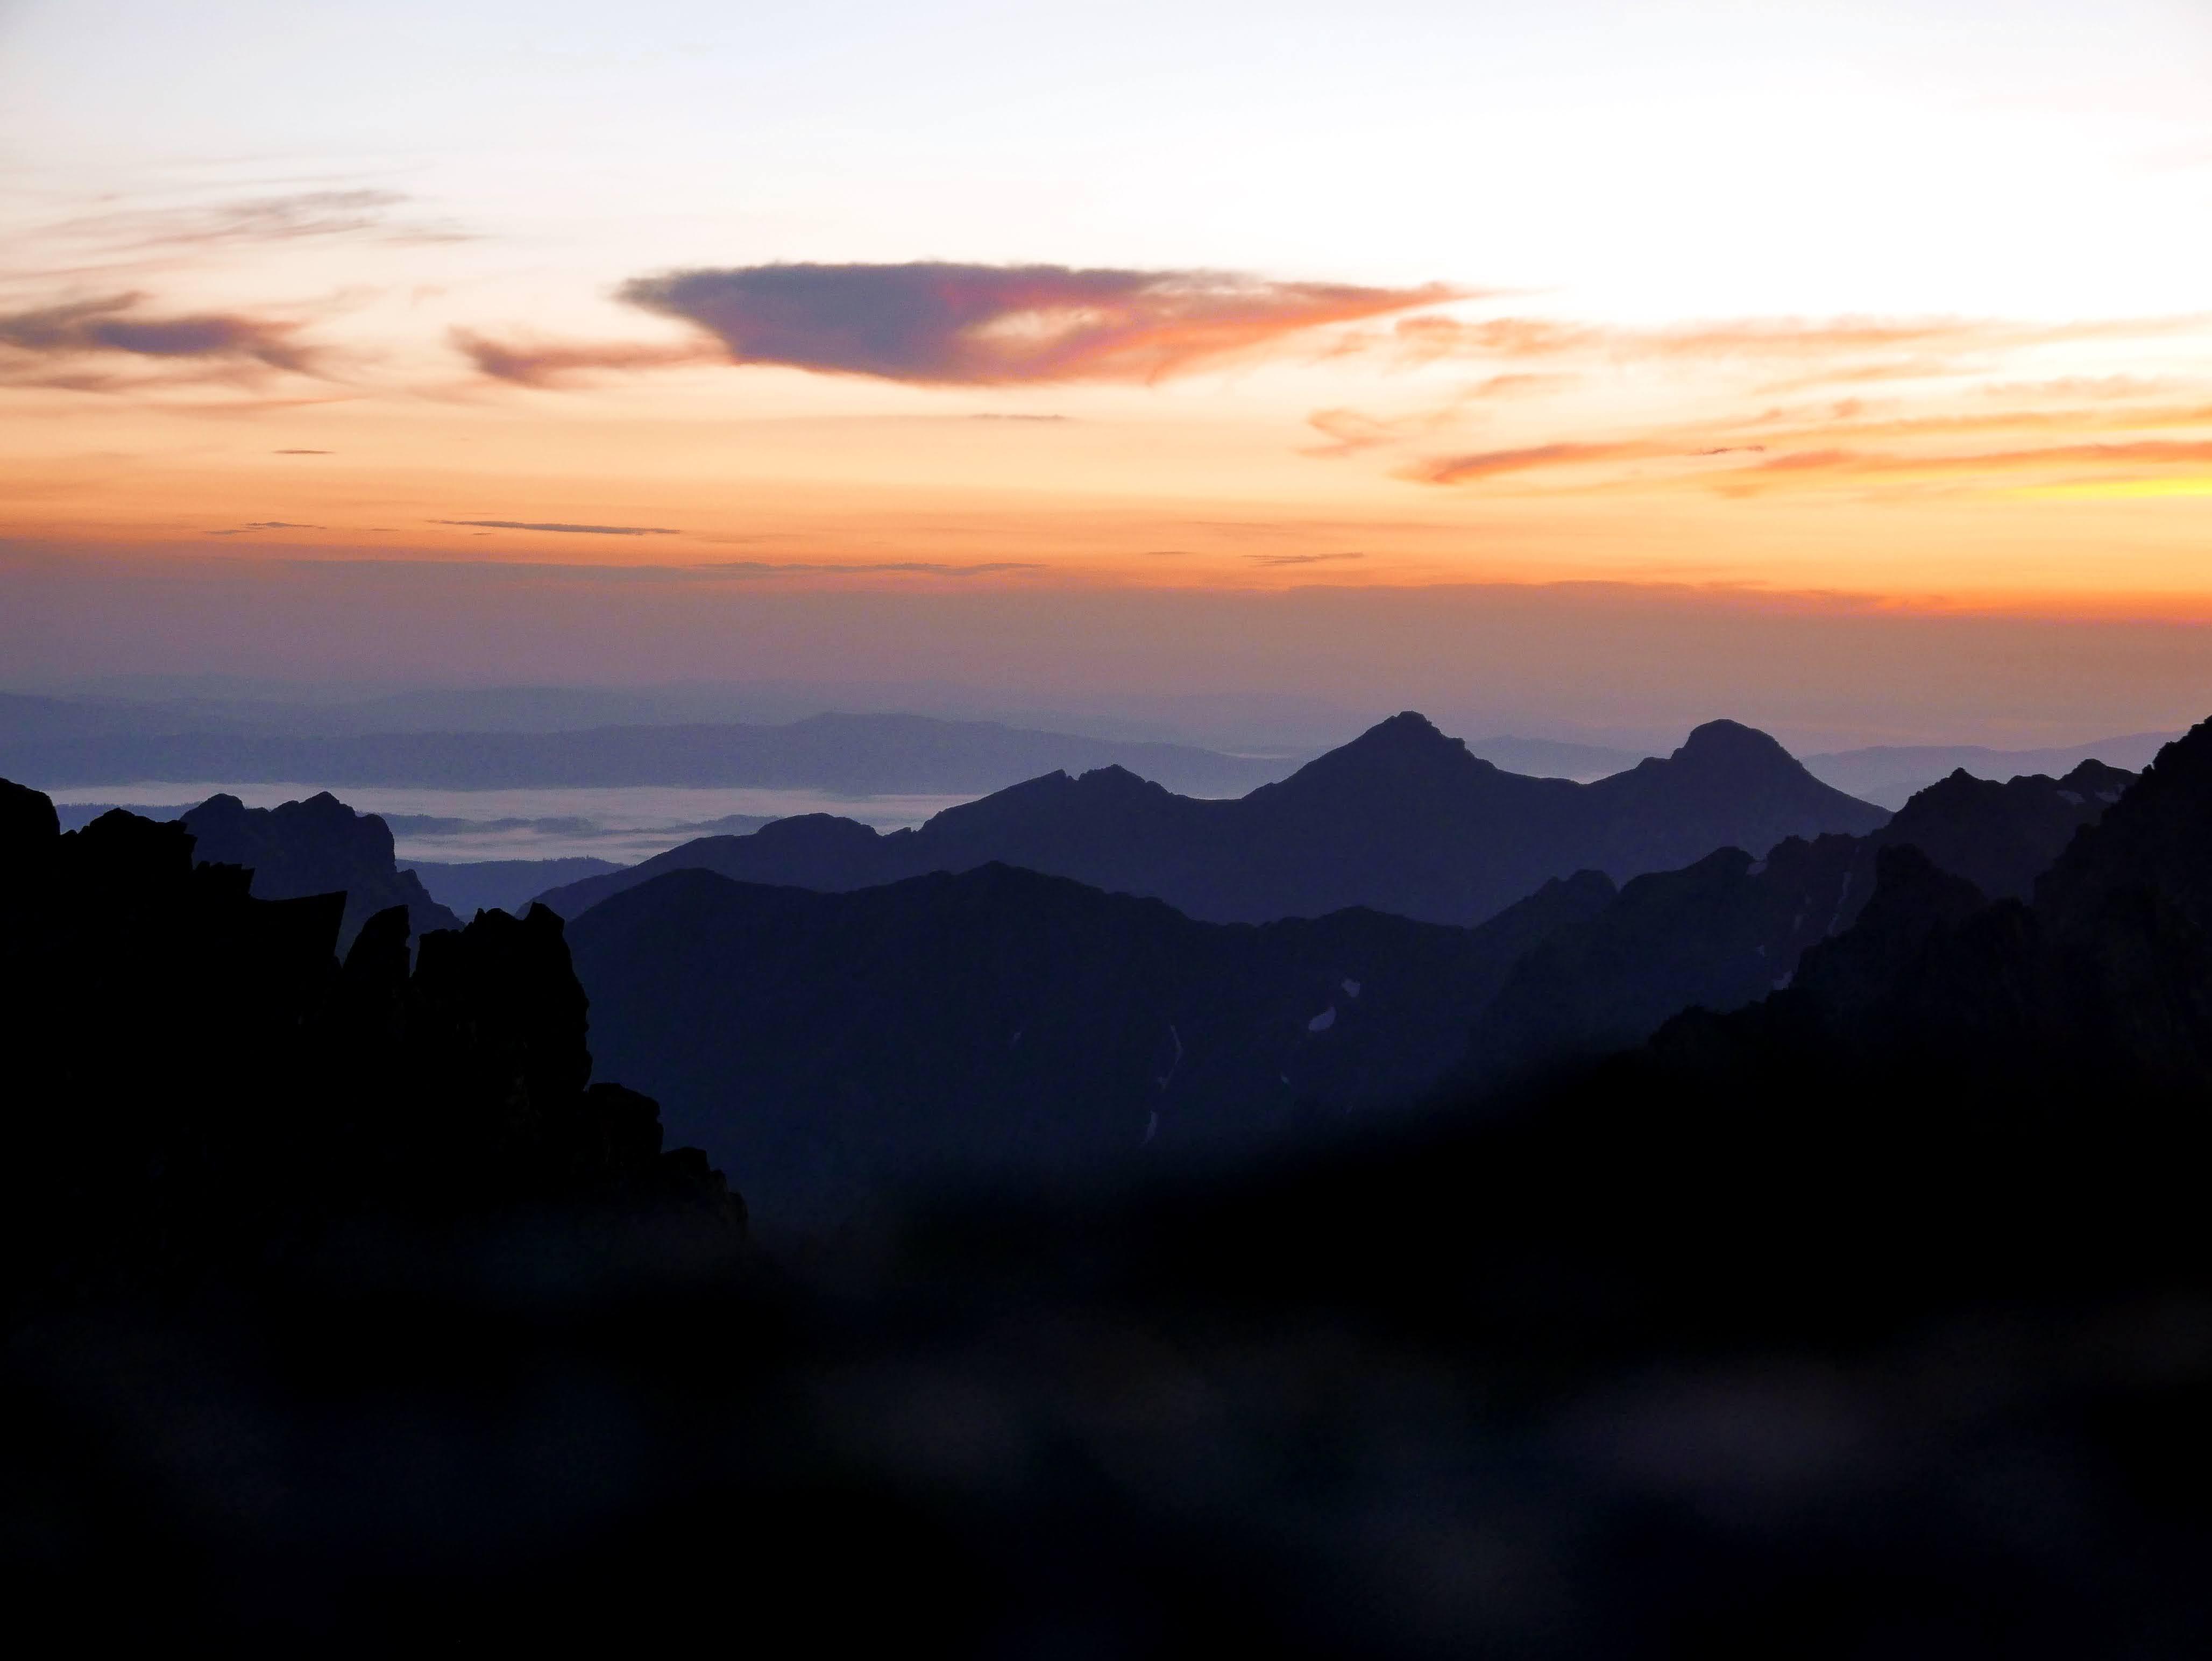 Słowacja, Tatry: Kończysta - Končistá 2537 m n.p.m. wschód słońca